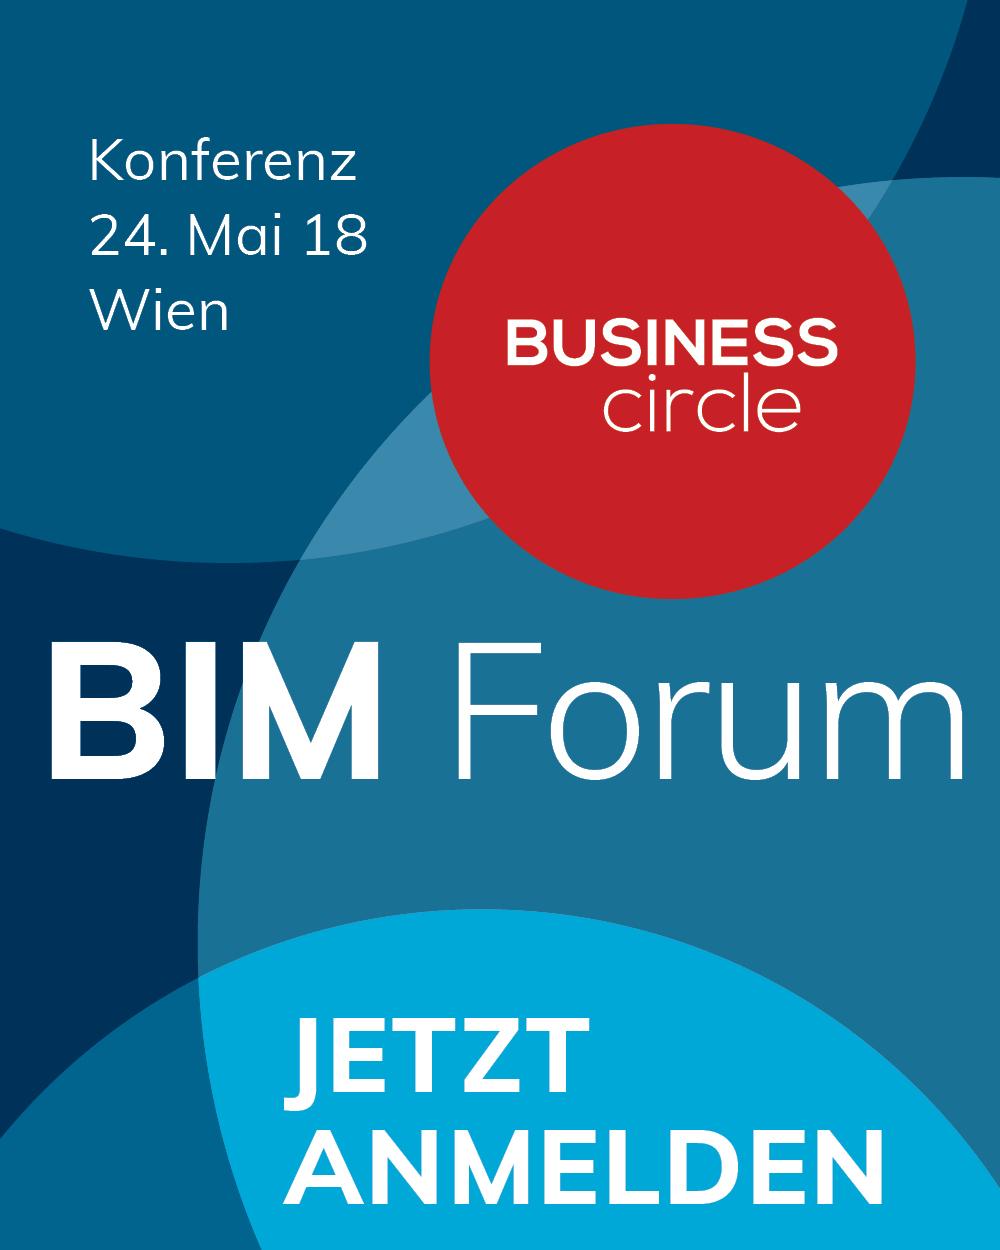 BIM Forum